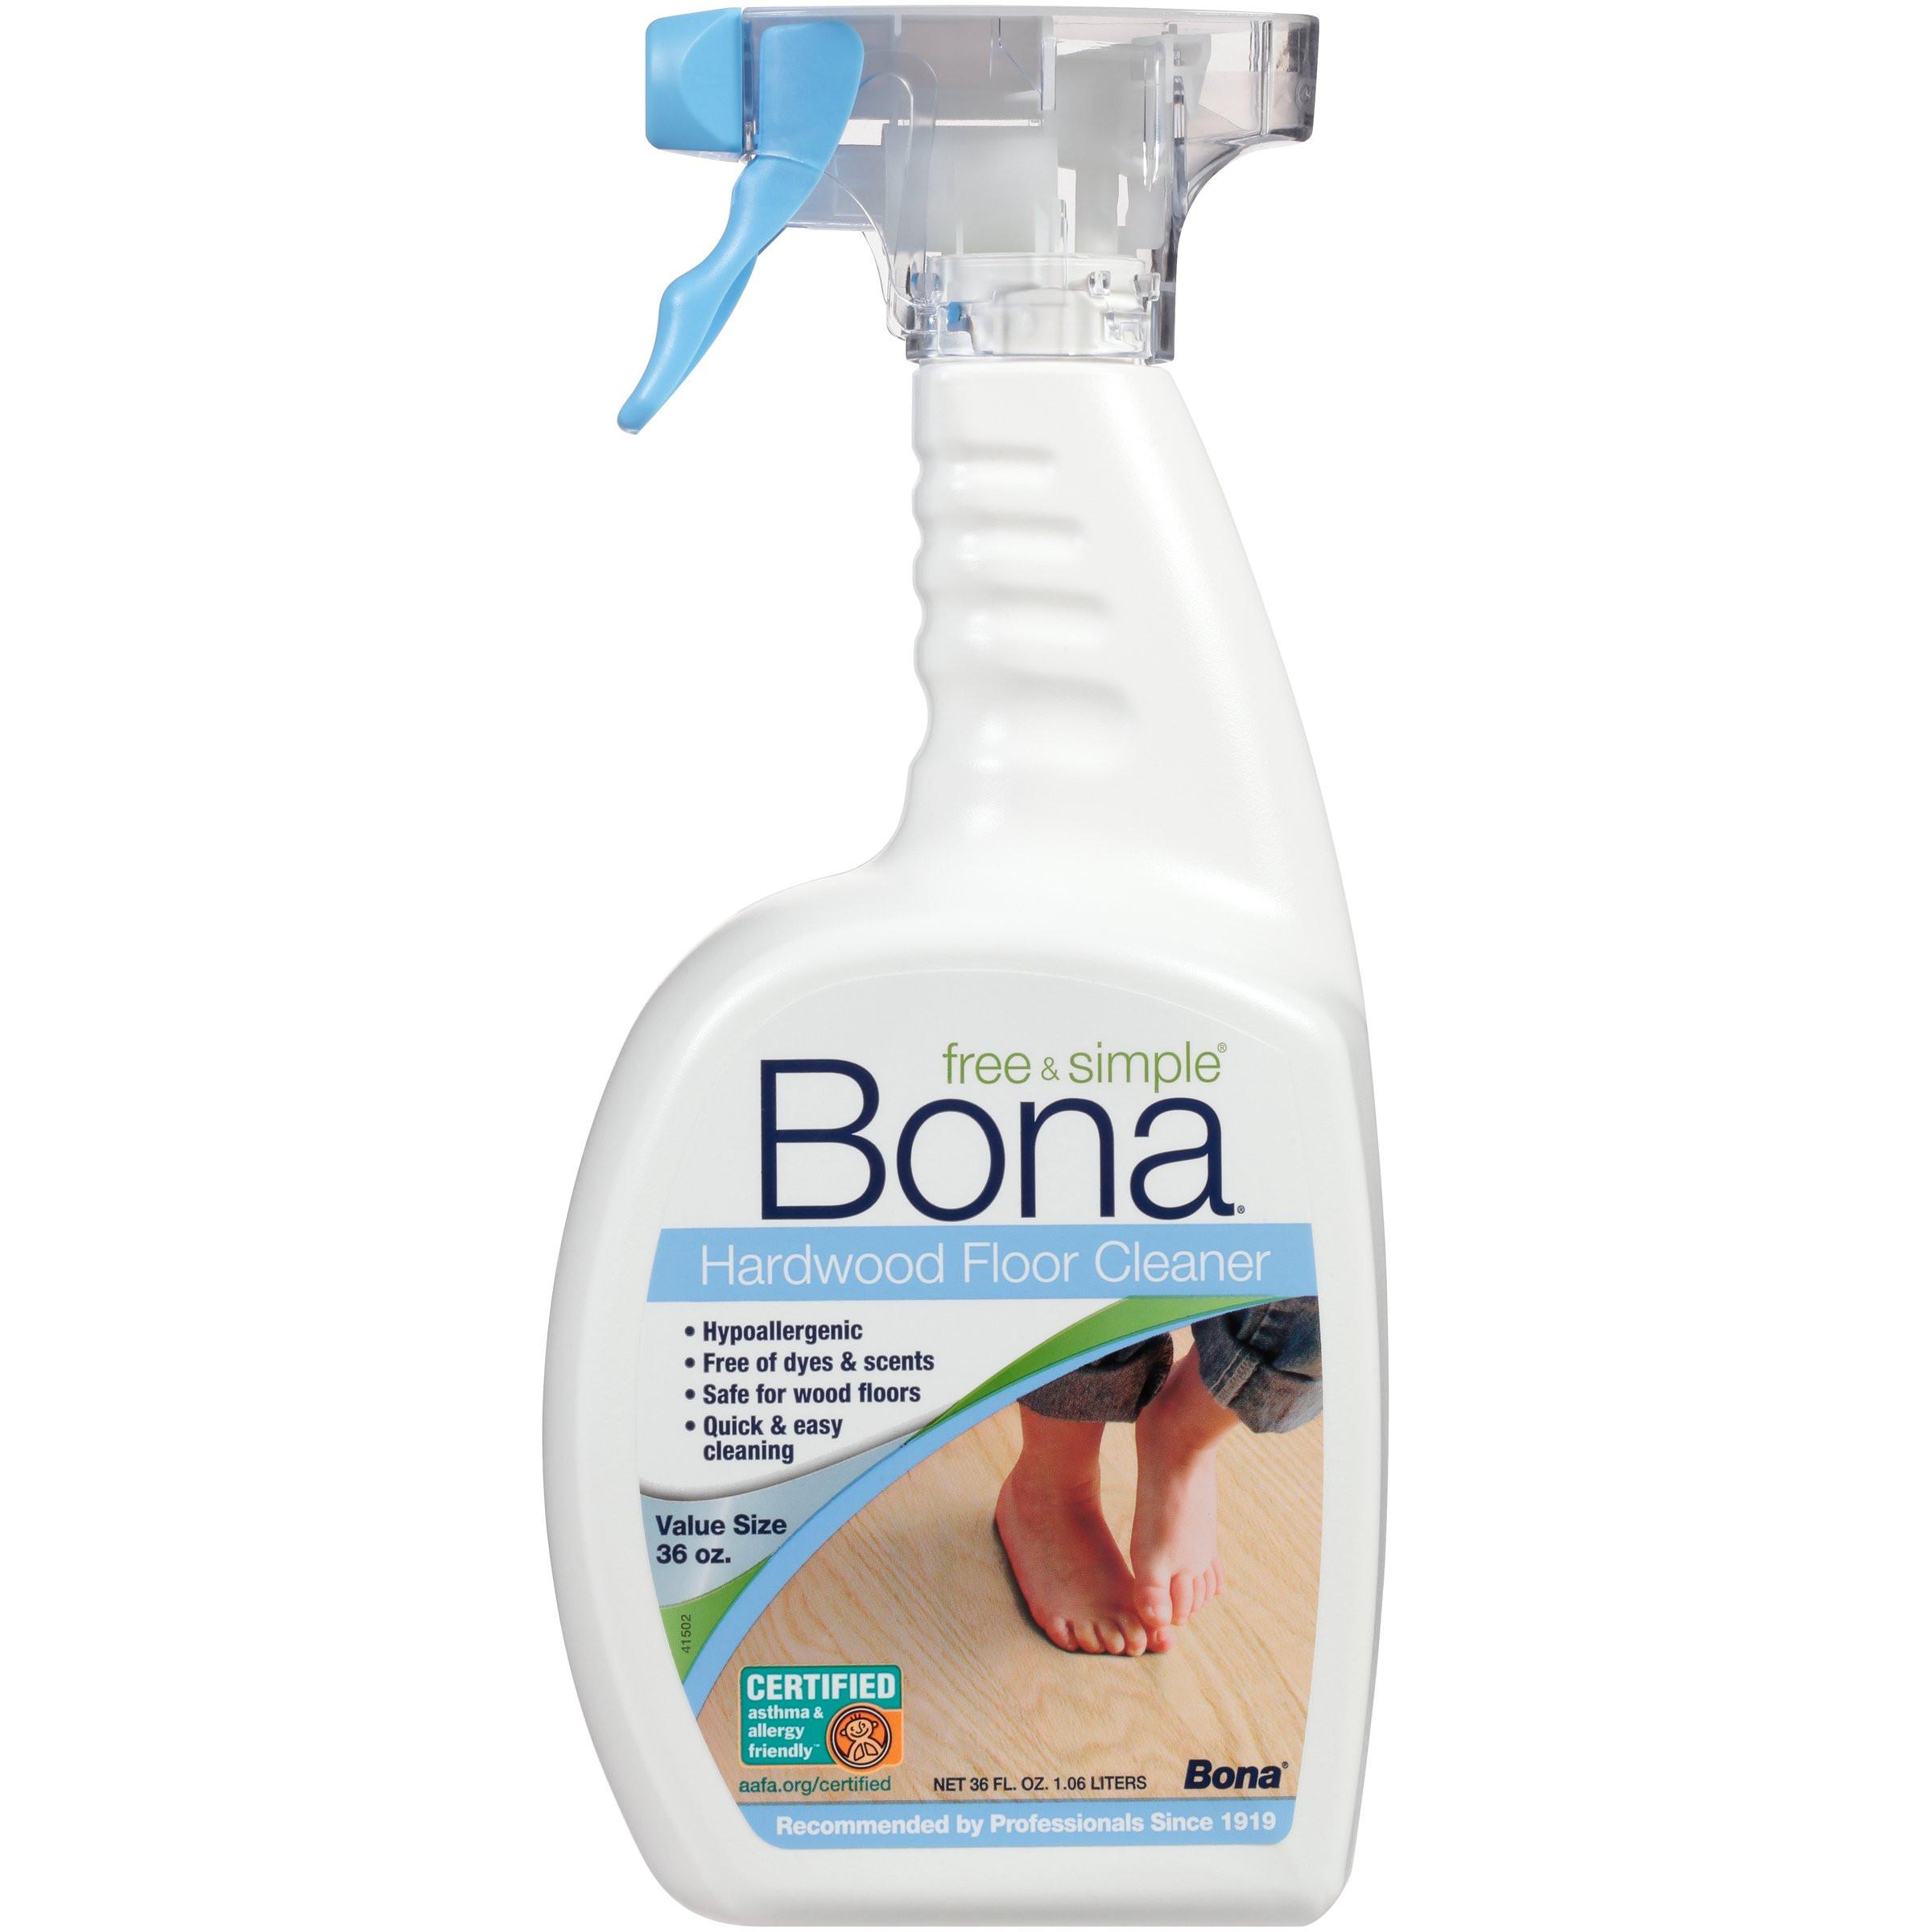 buy bona hardwood floor cleaner of amazon com bona wm700018182 free simple hardwood floor cleaner inside bona free simple hardwood floor cleaner 36oz spray